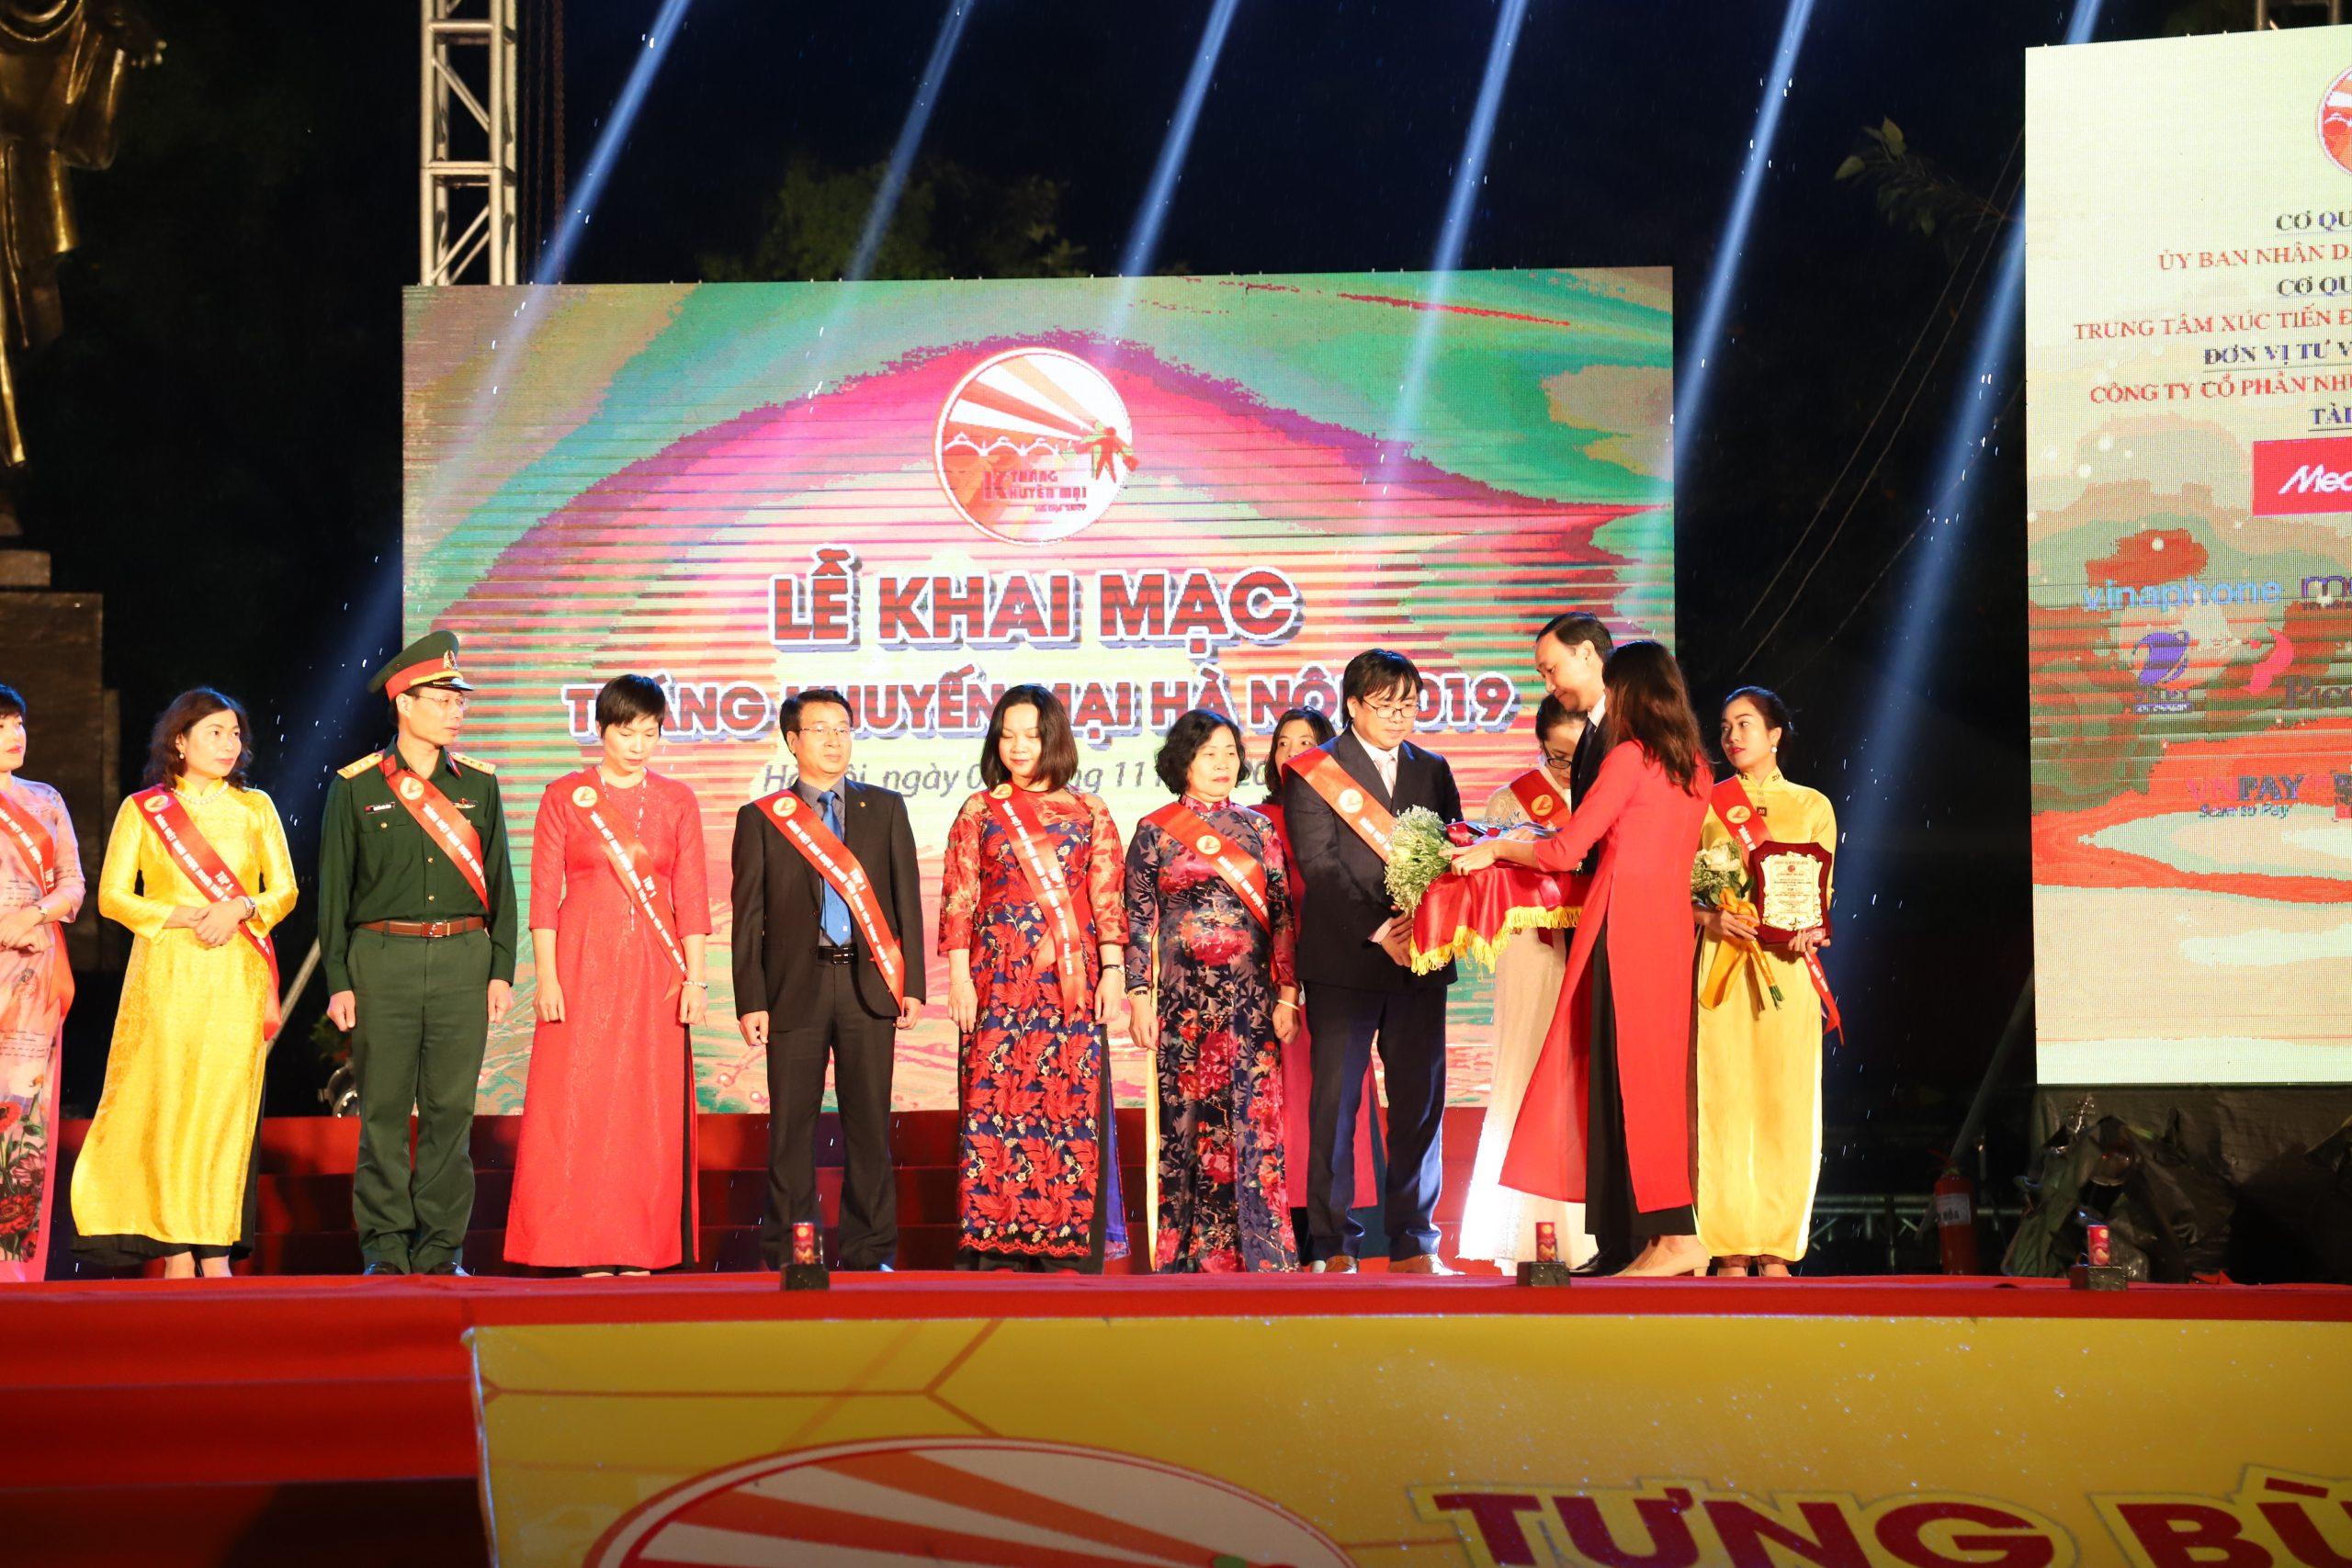 Phát triển bền vững Việt Nam 2019 2